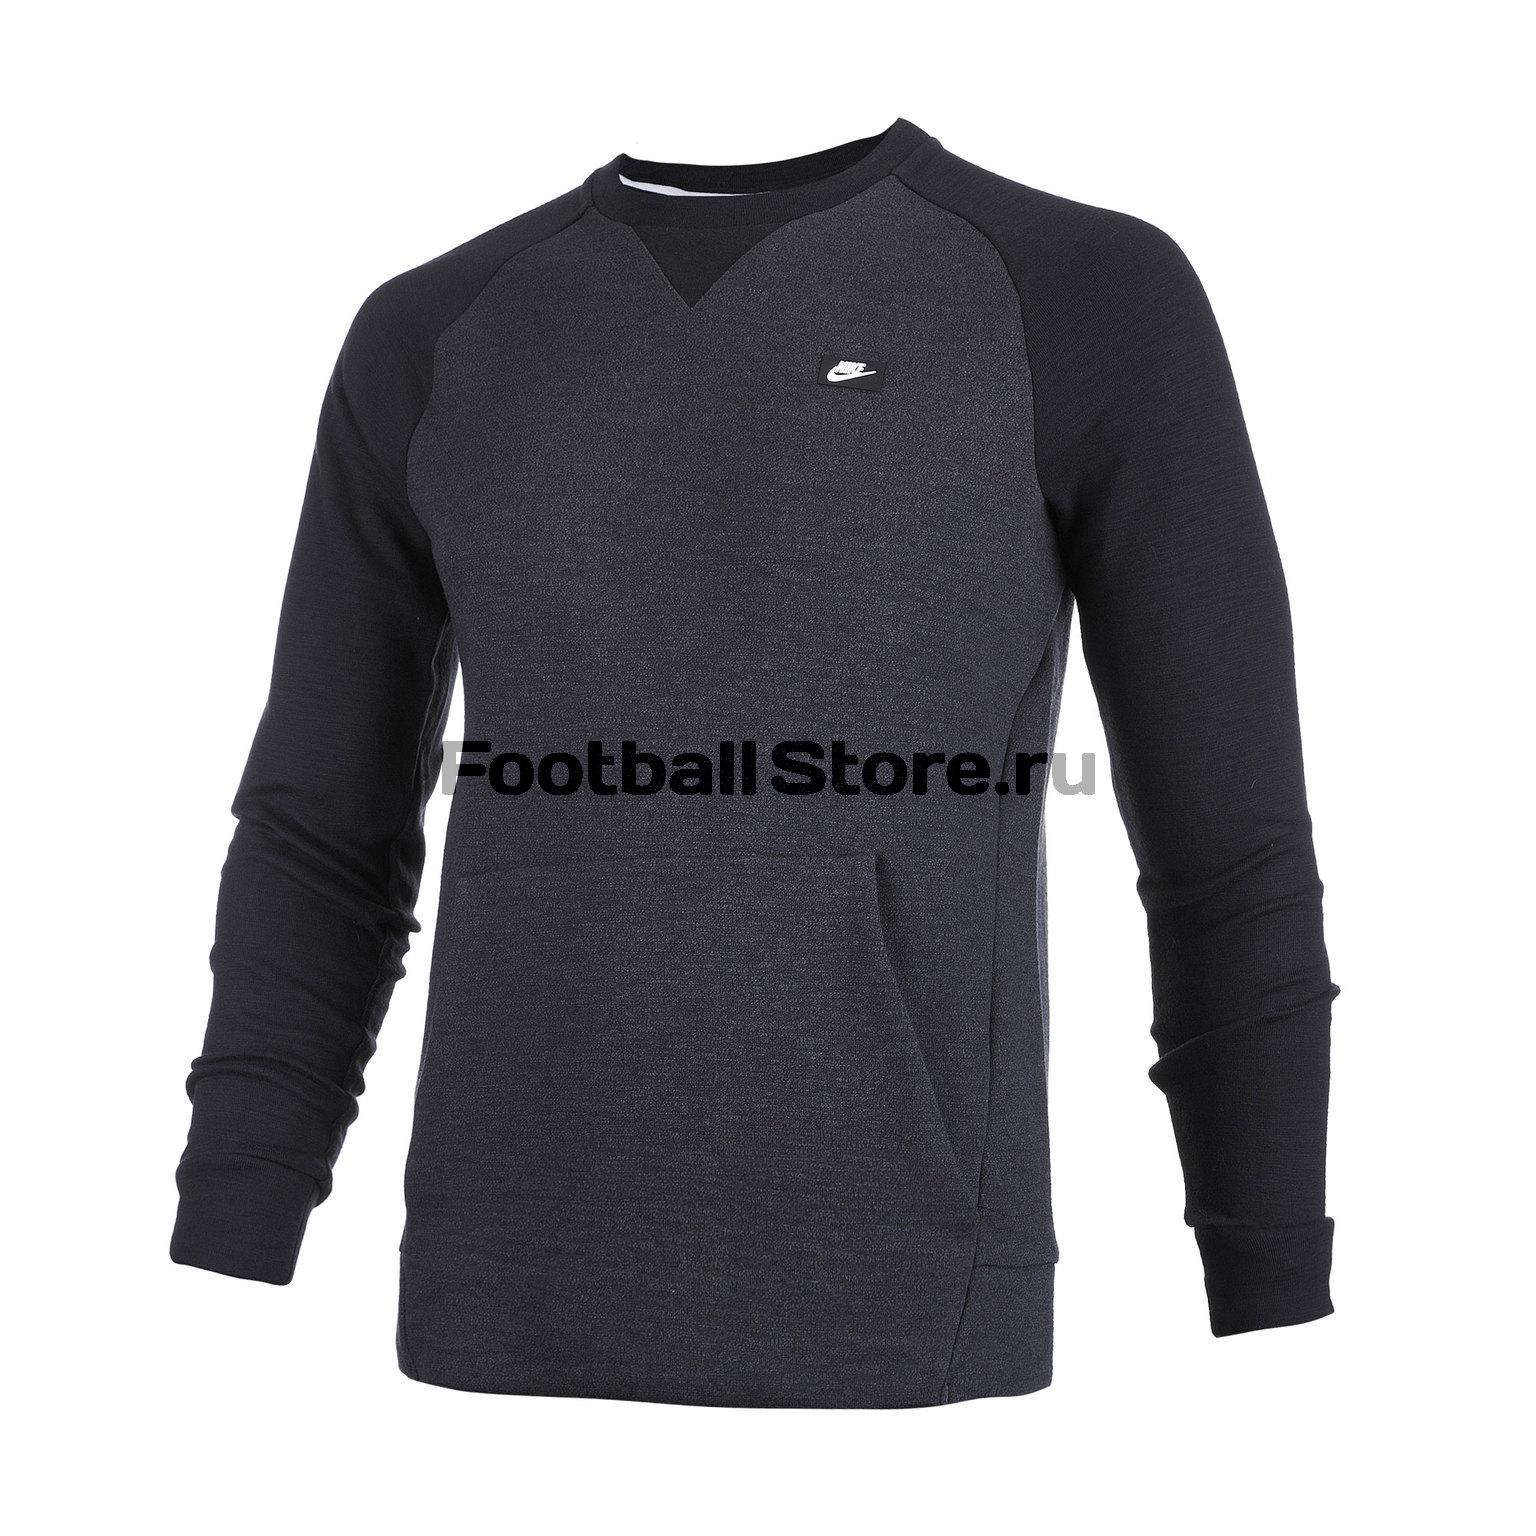 где купить Свитшот Nike Optic 928465-010 по лучшей цене